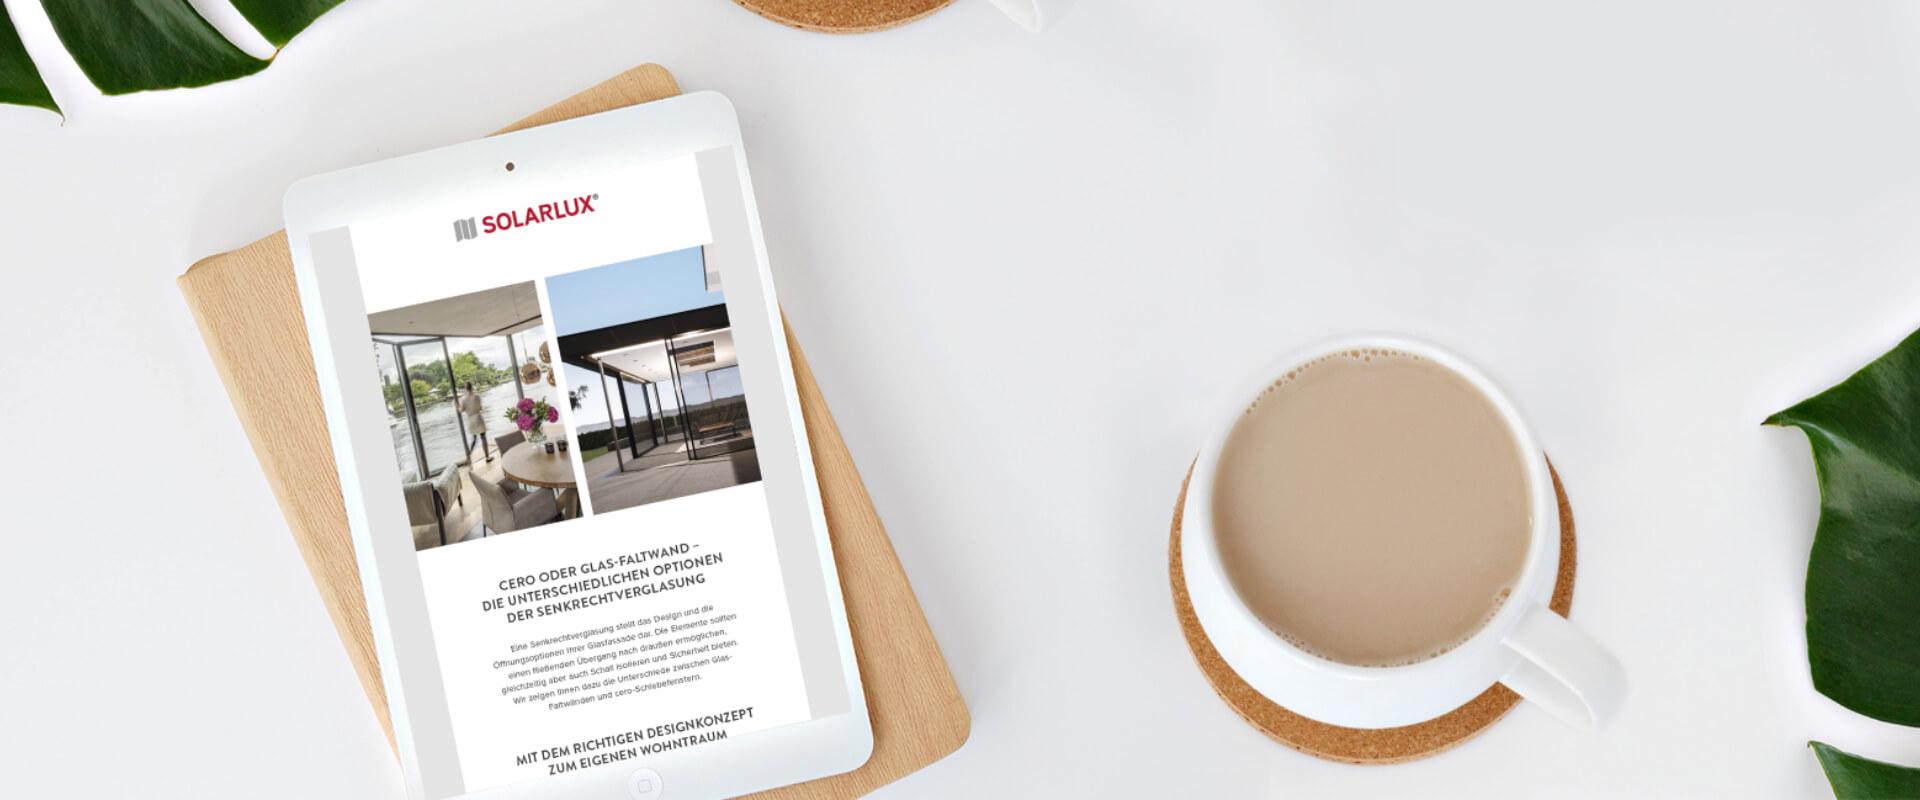 Solarlux Newsletter für cero Schiebefenster